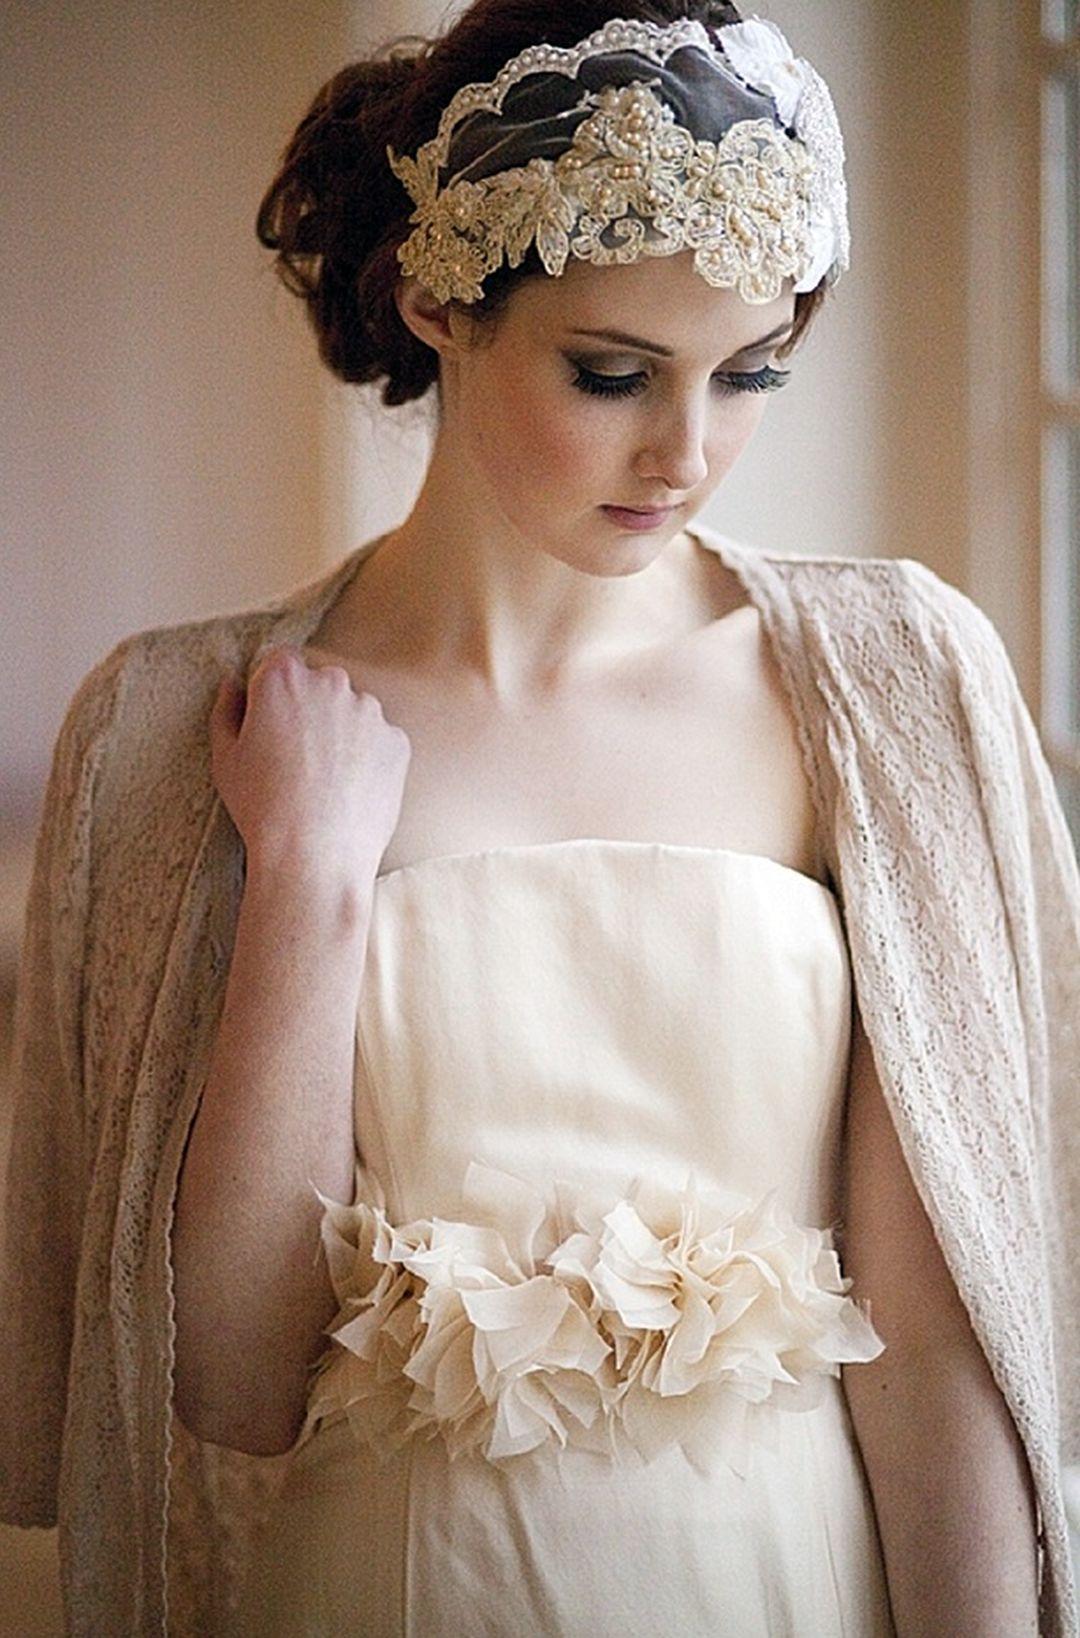 10 Vintage Wedding Headpiece Ideas For Bridal Elegant Look In 2020 Bridal Headpieces Bridal Cap Vintage Wedding